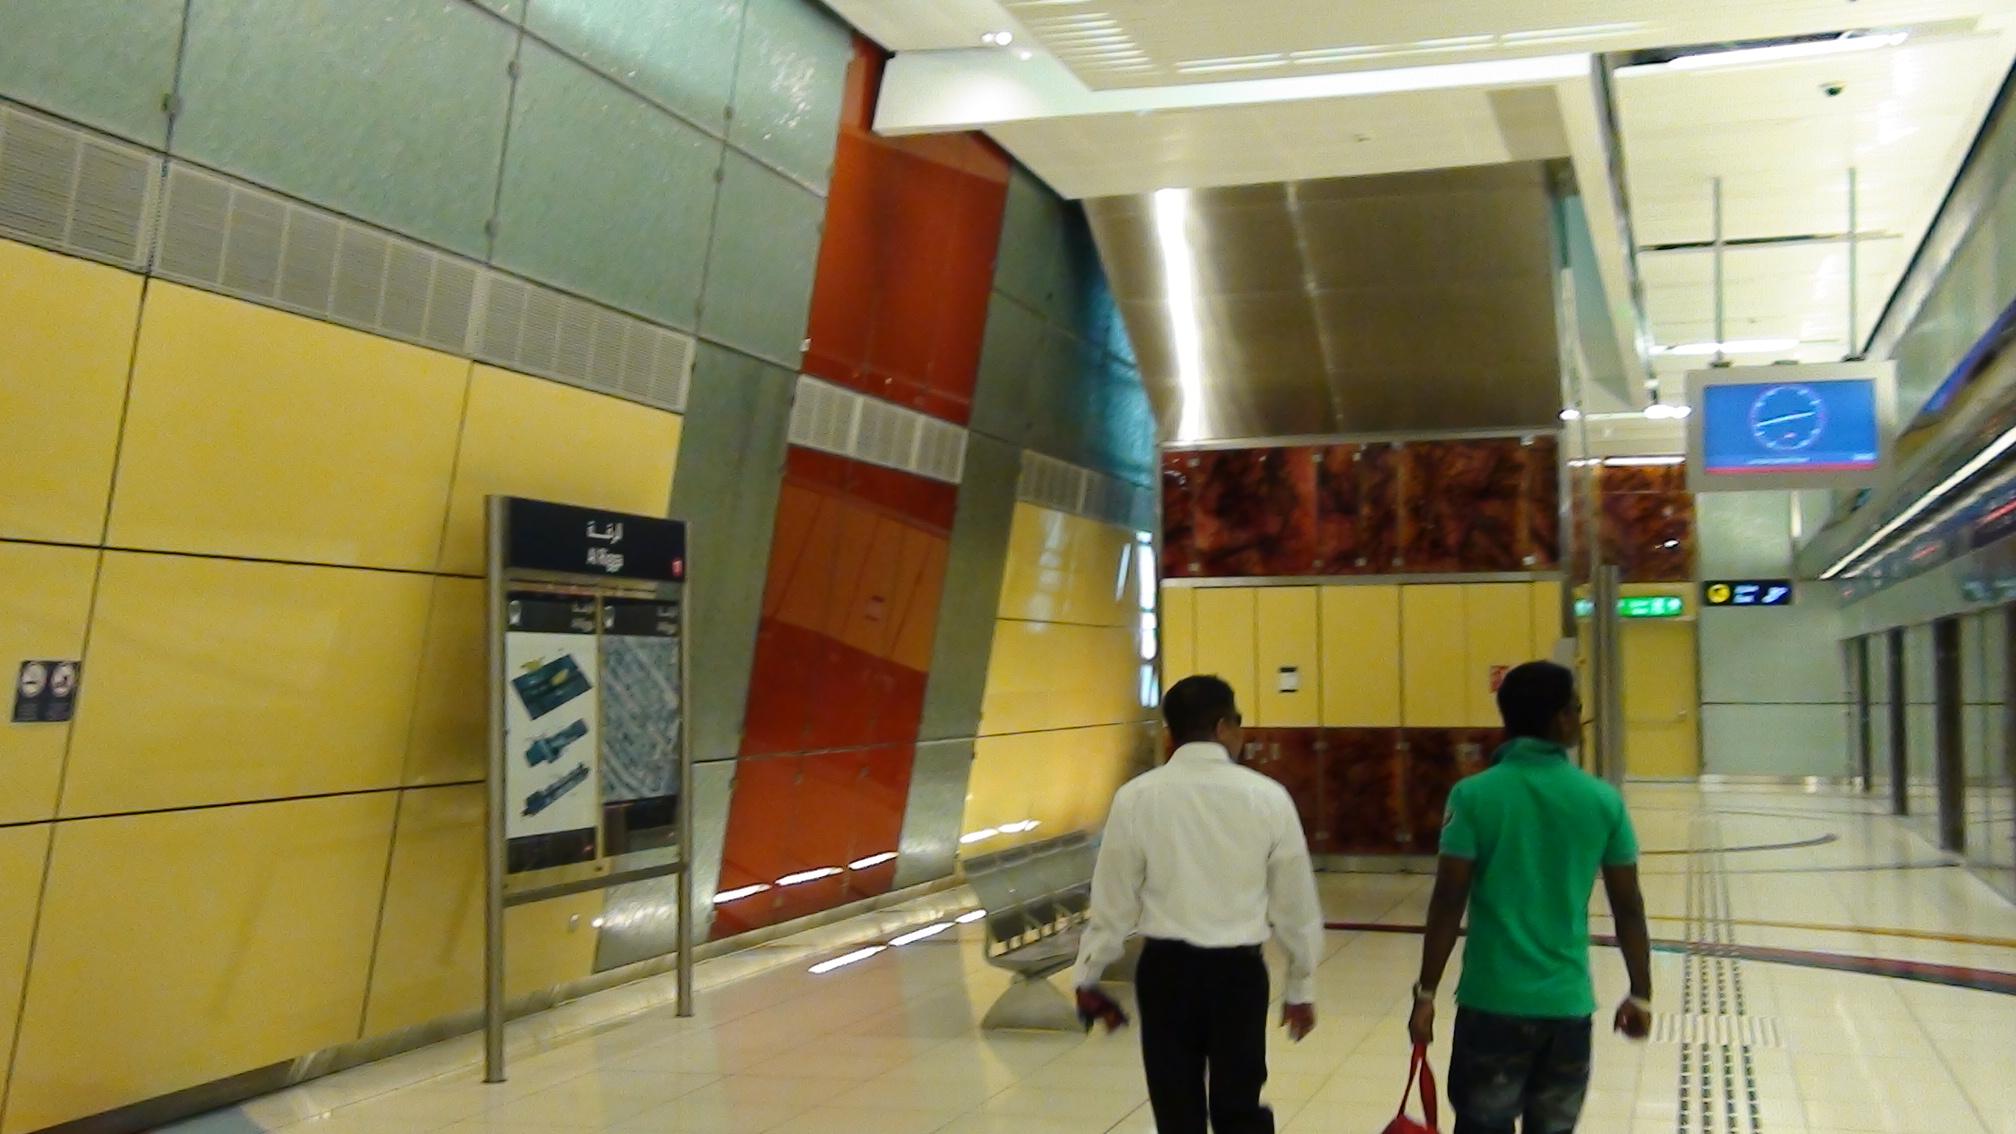 مترو دبى - dubai metro (76)